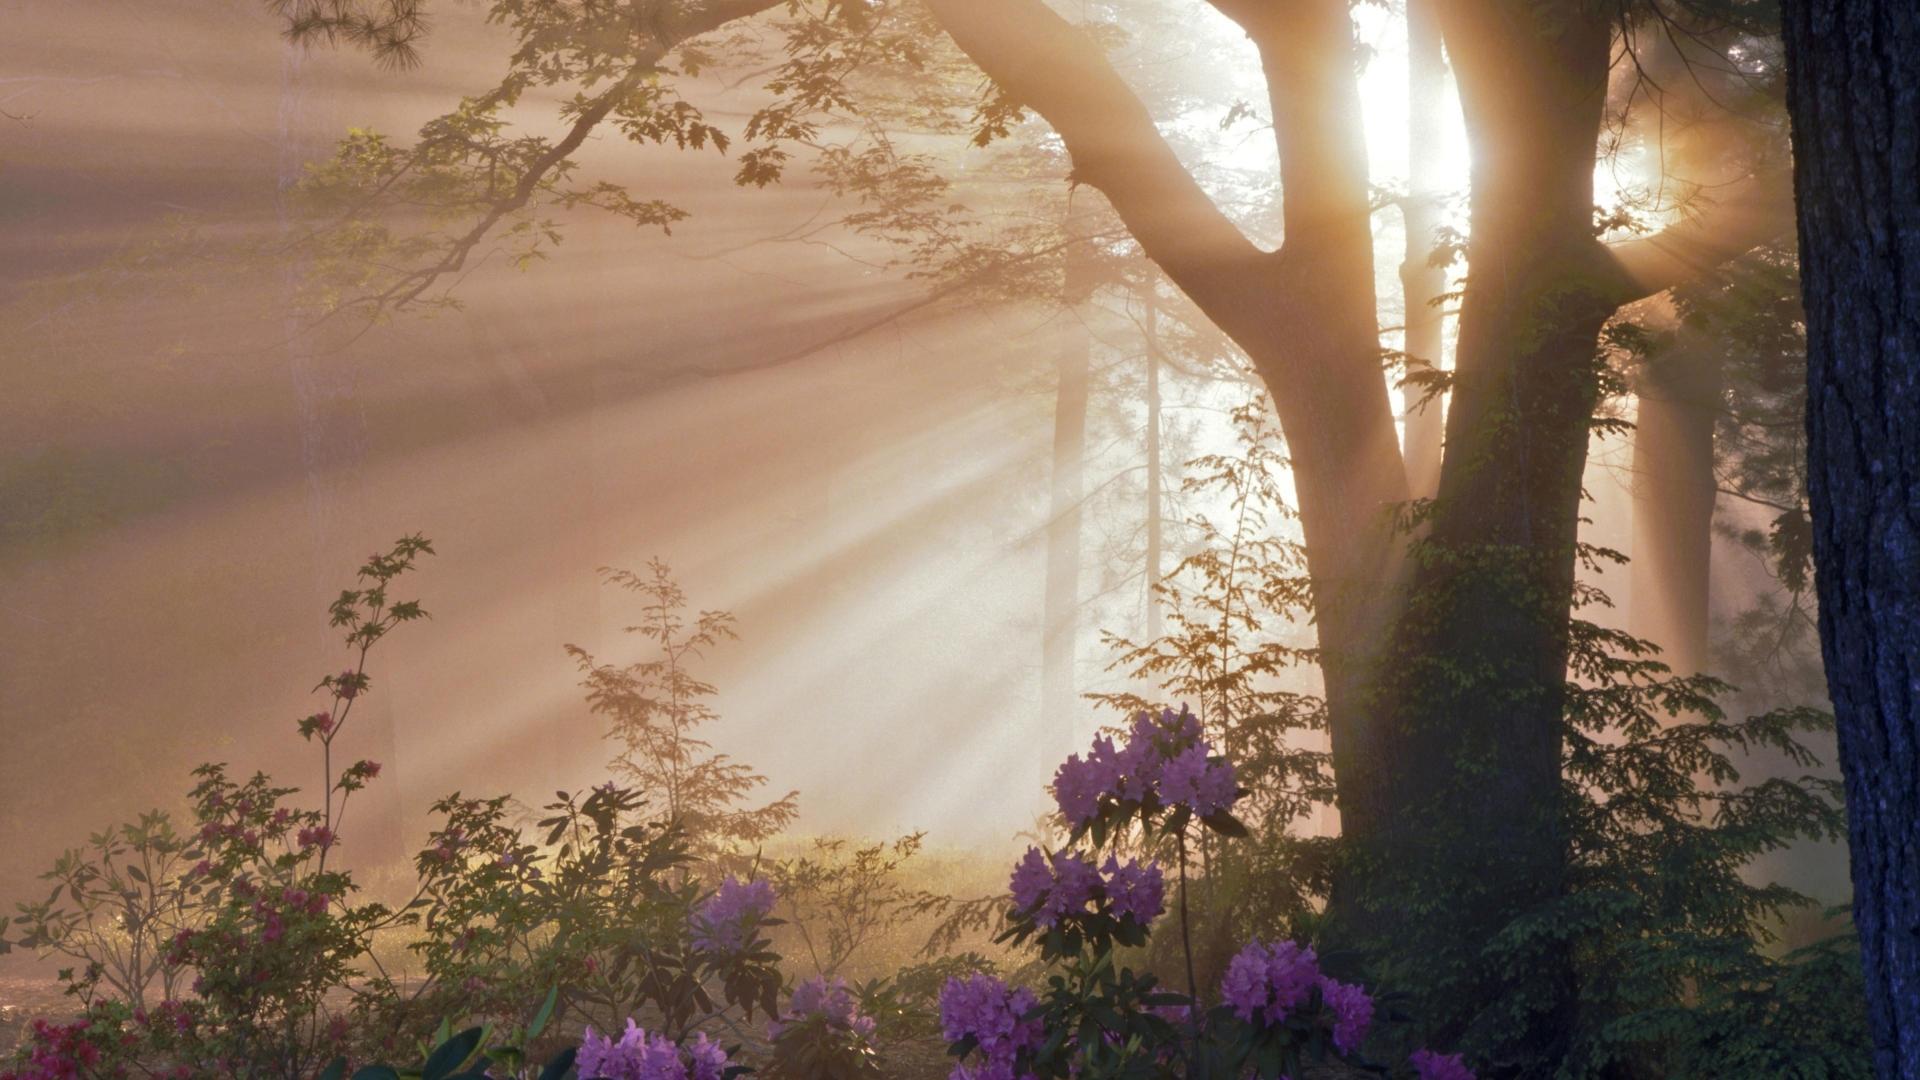 Скачать картинку Солнце, Деревья, Растения, Цветы в телефон бесплатно.